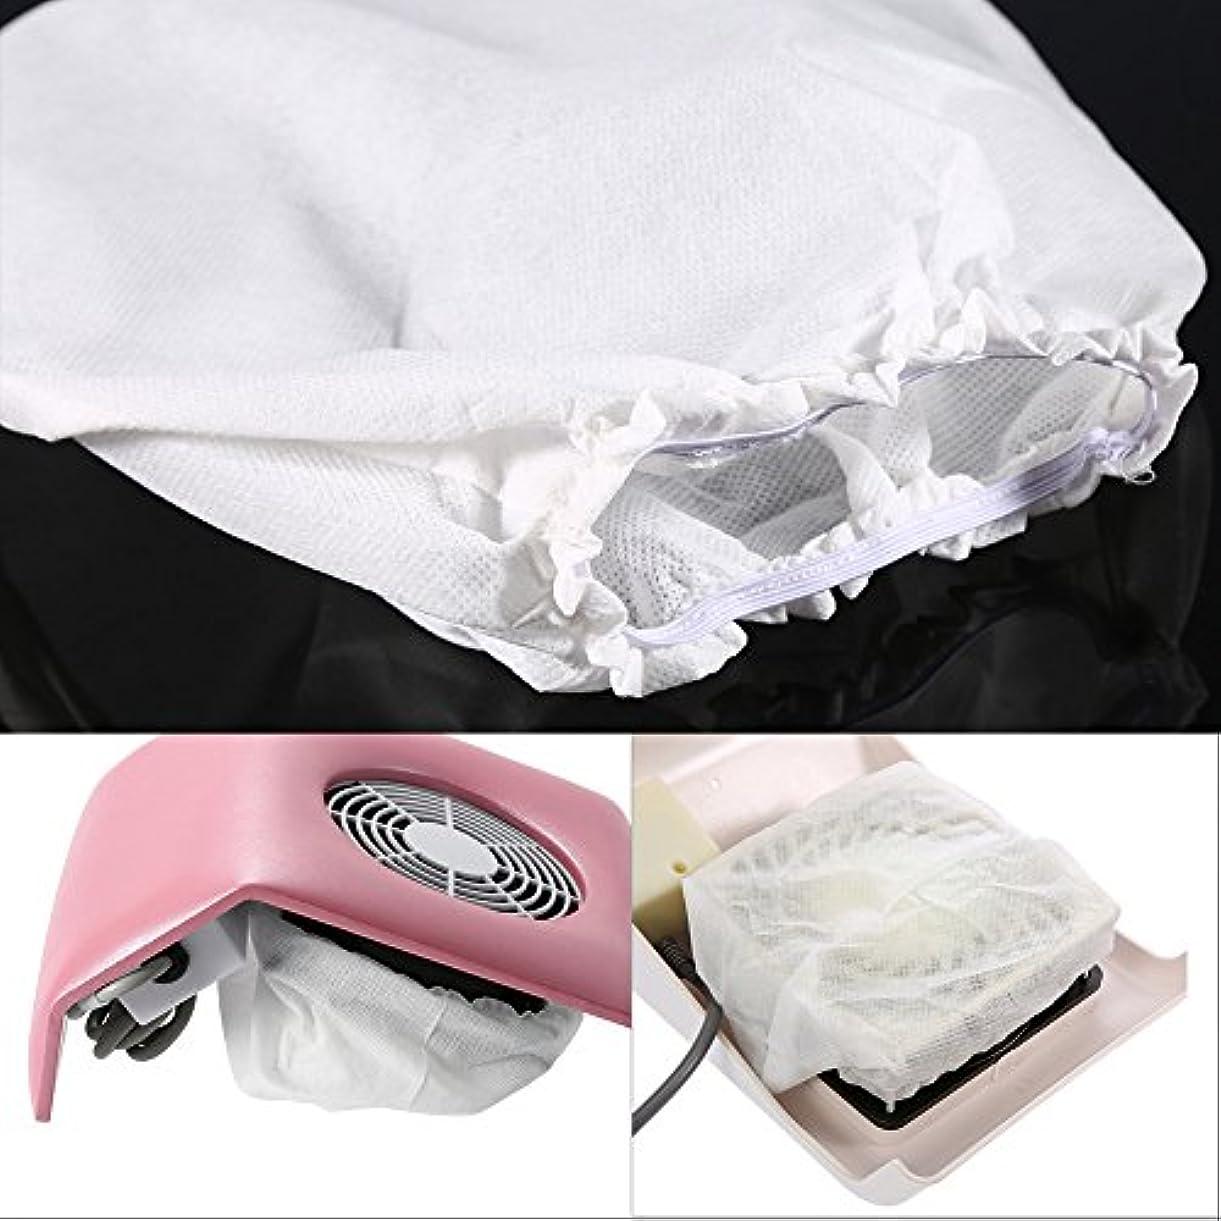 退院農学一般的に言えば10枚セット ネイル 不織布掃除機交換バッグ ネイルダストコレクション機器用 アクセサリー サロンツール